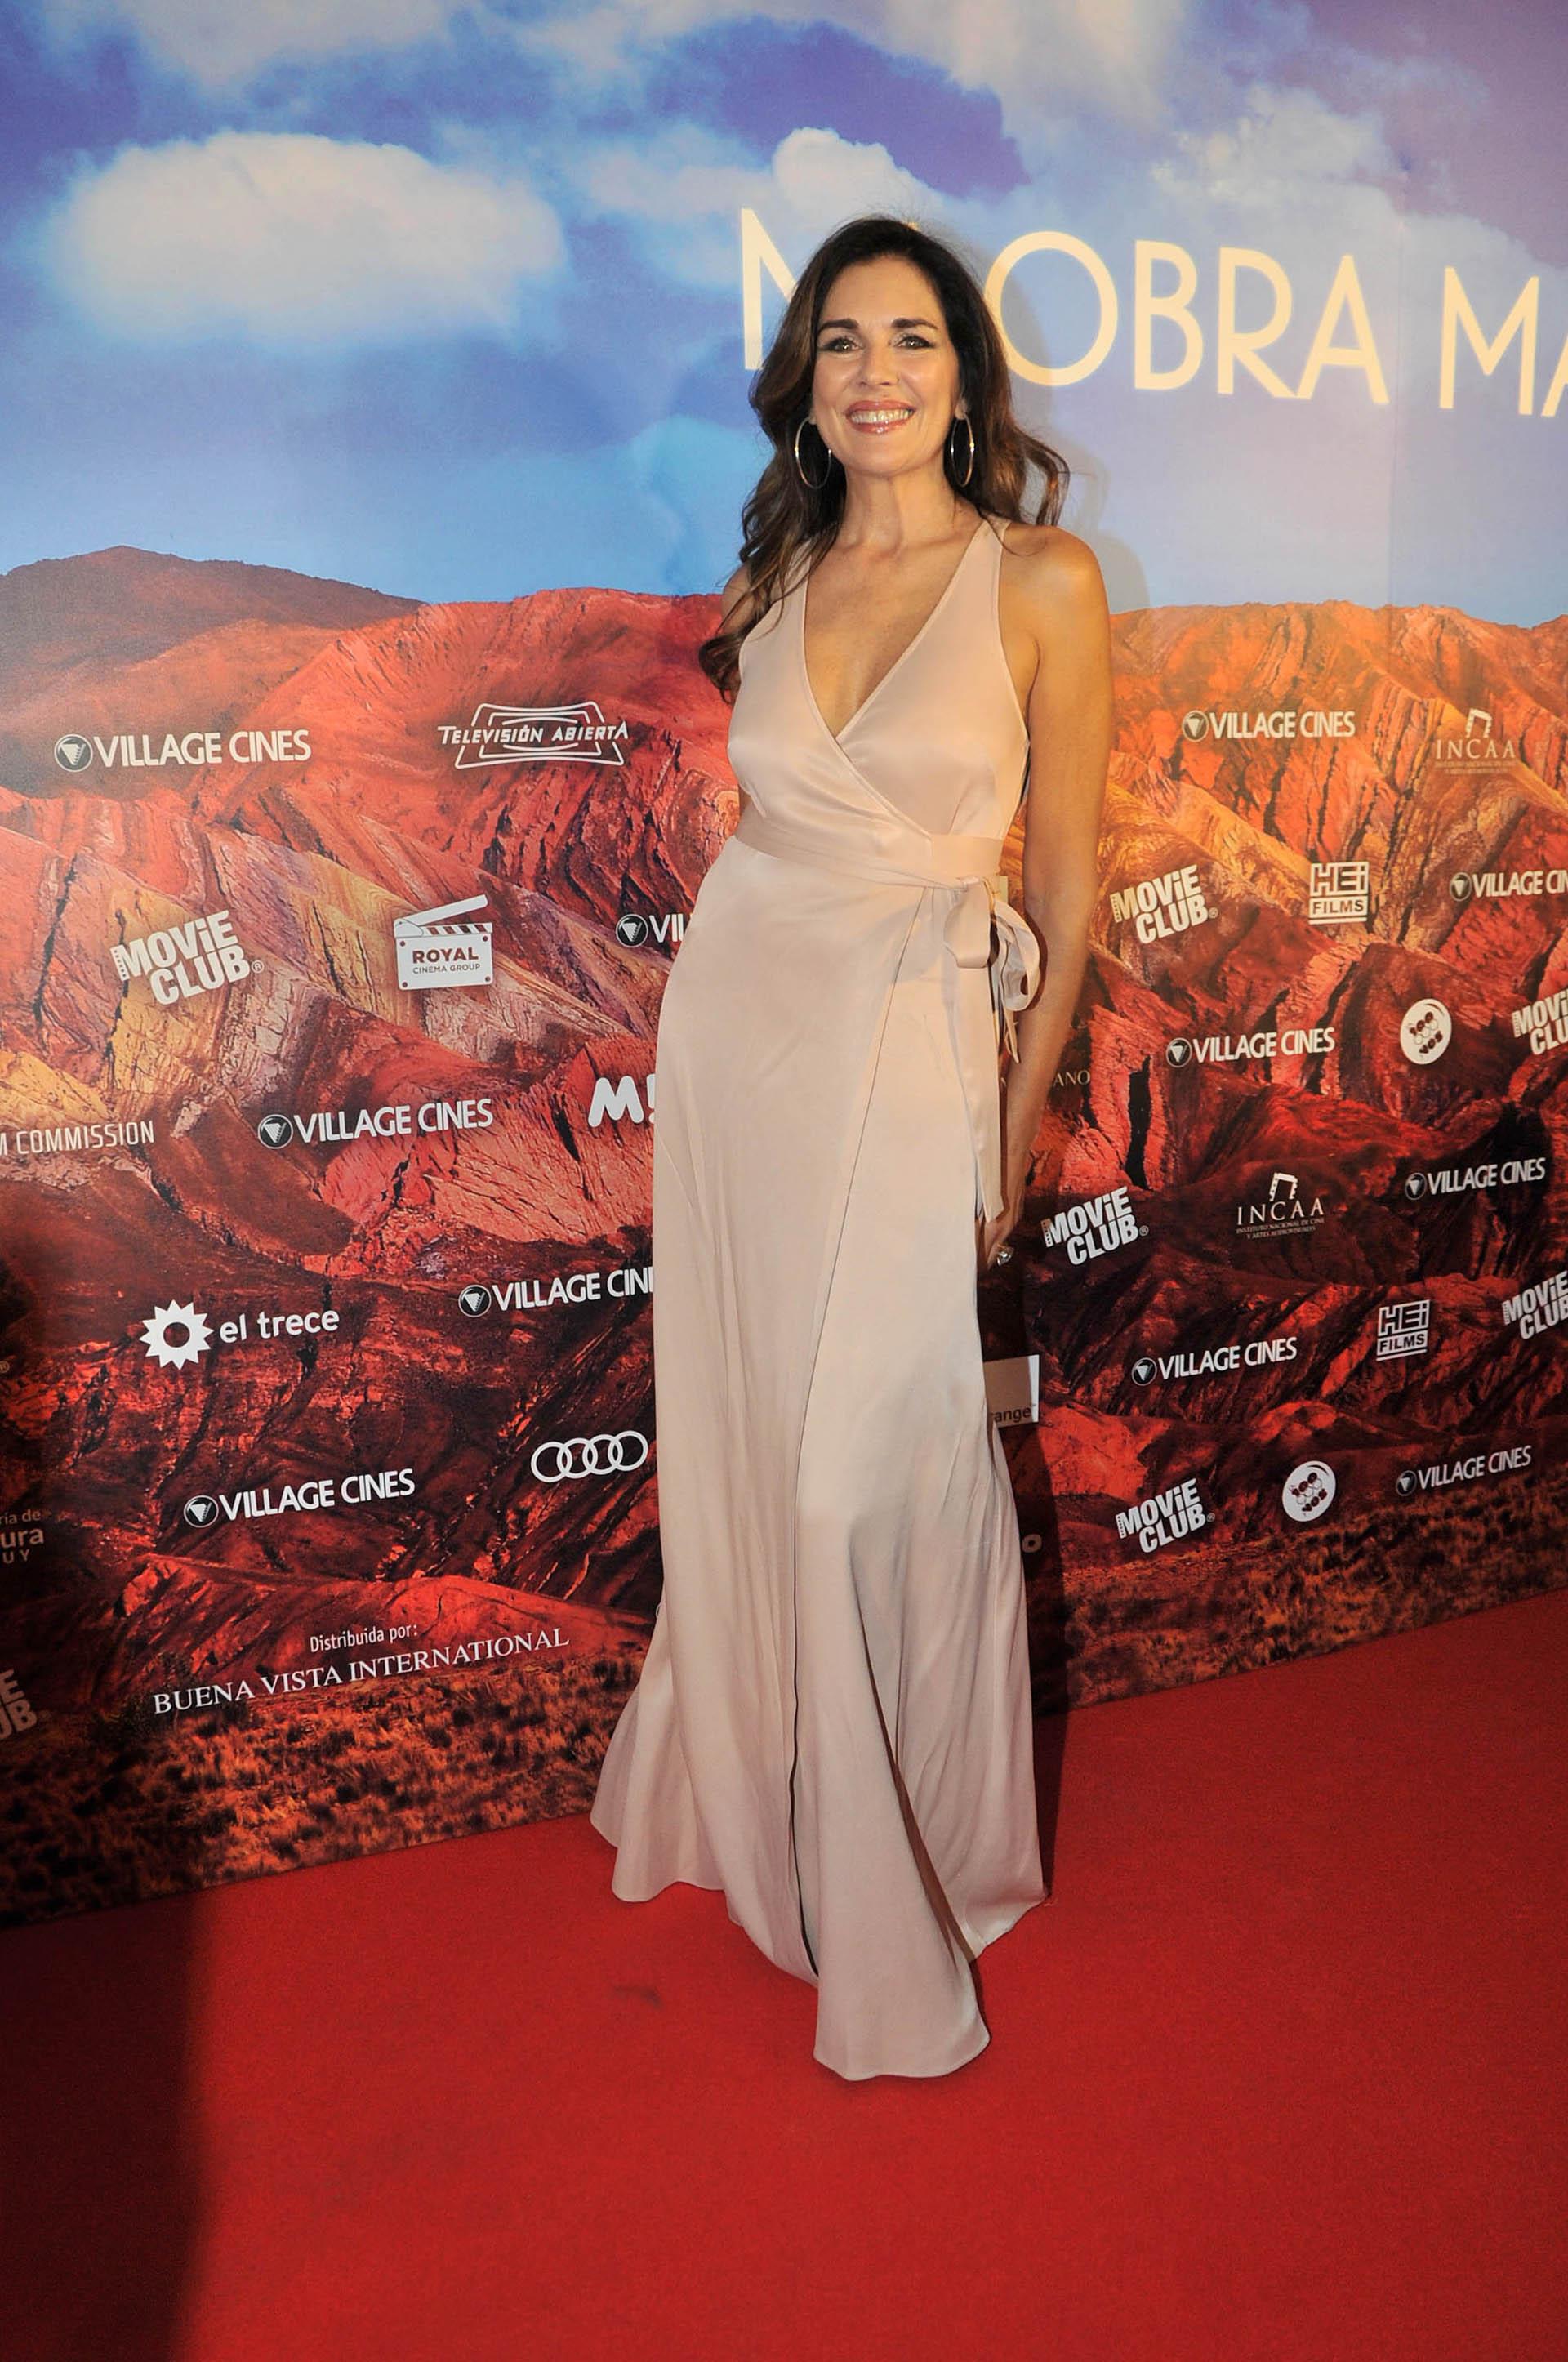 """Andrea Frigerio lució un vestido muy elegante y sensual en la presentación de la película """"Mi obra maestra"""" (Veronica Guerman/Teleshow)"""